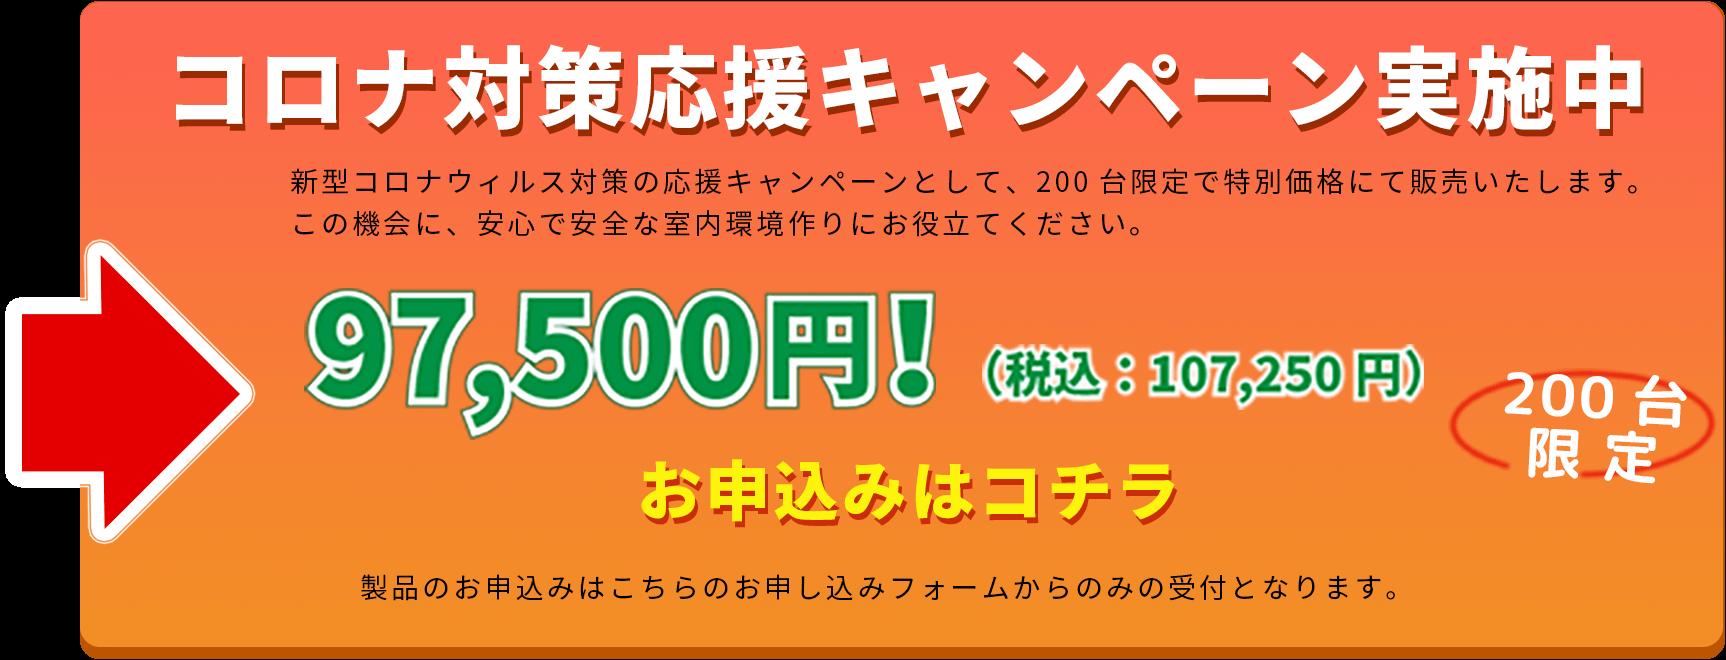 コロナ対策対応キャンペーン実施中 新型コロナウィルス対策の応援キャンペーンとして、200台限定で特別価格にて販売いたします。この機会に、安心で安全な室内環境作りにお役立てください。 97,500円!(税込:107,250円) お申し込みはコチラ